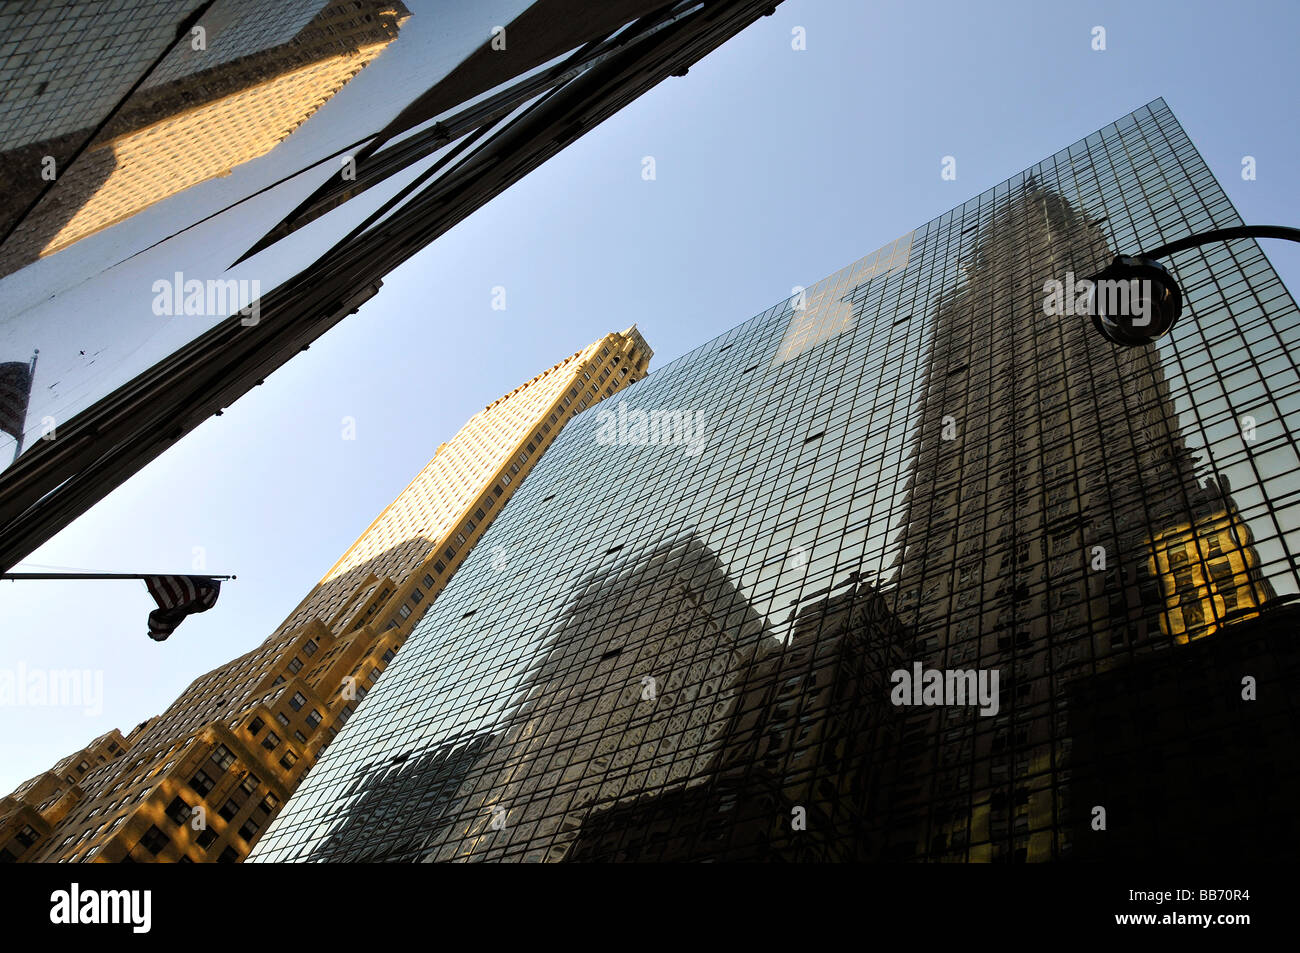 Gruppo di grattacieli- basso angolo di visione Immagini Stock